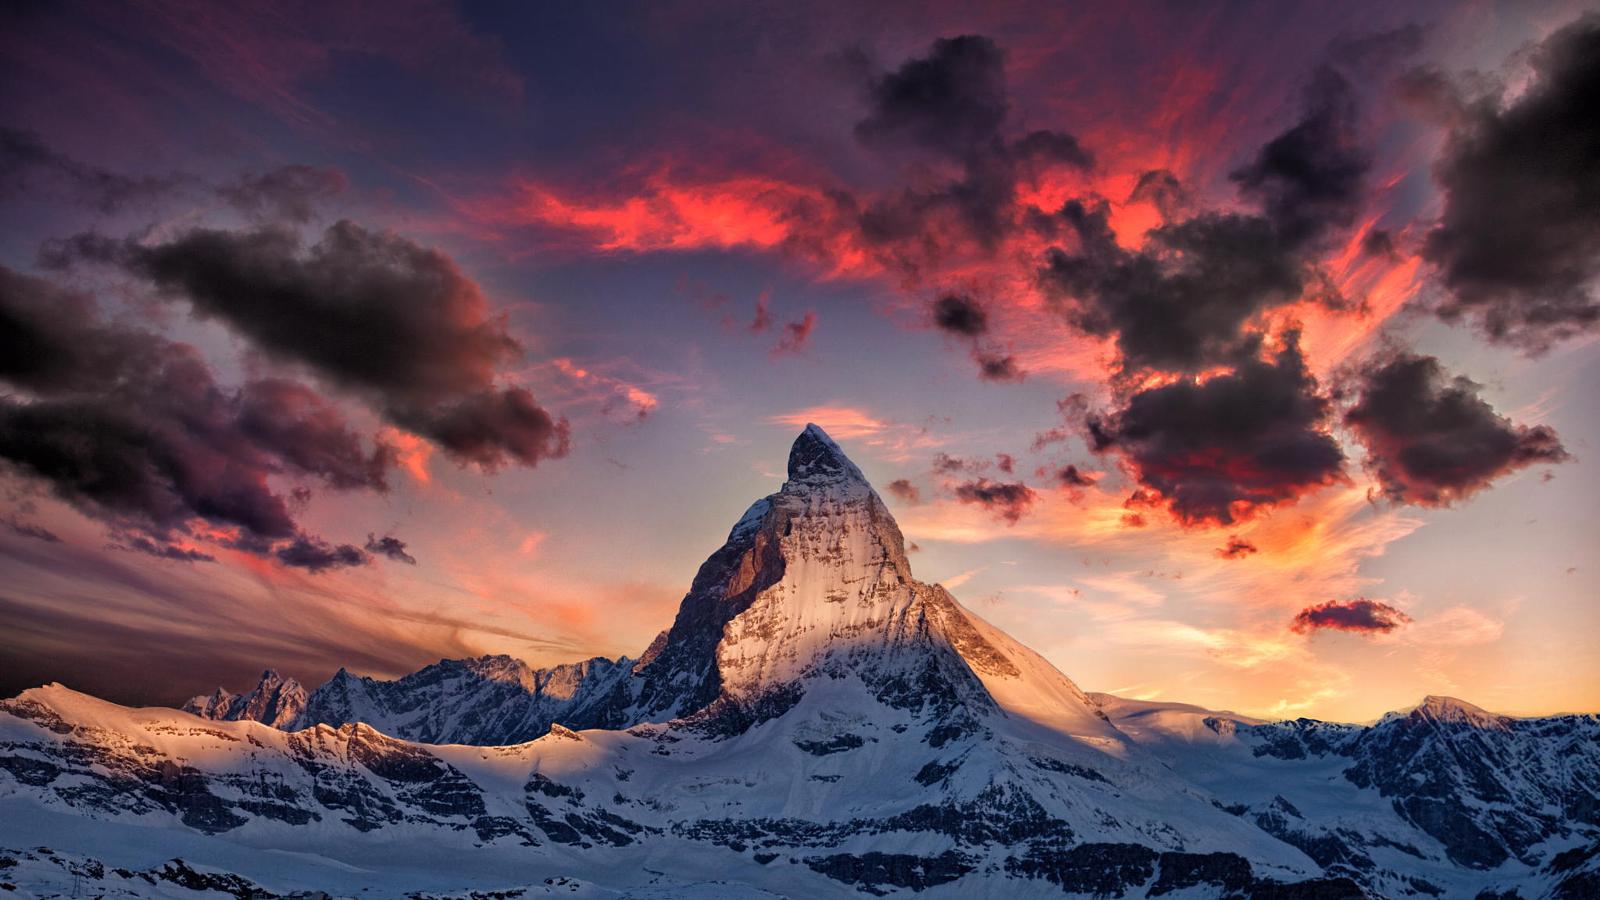 Самое интересное : Американские фрики из супермаркетов веселят сеть